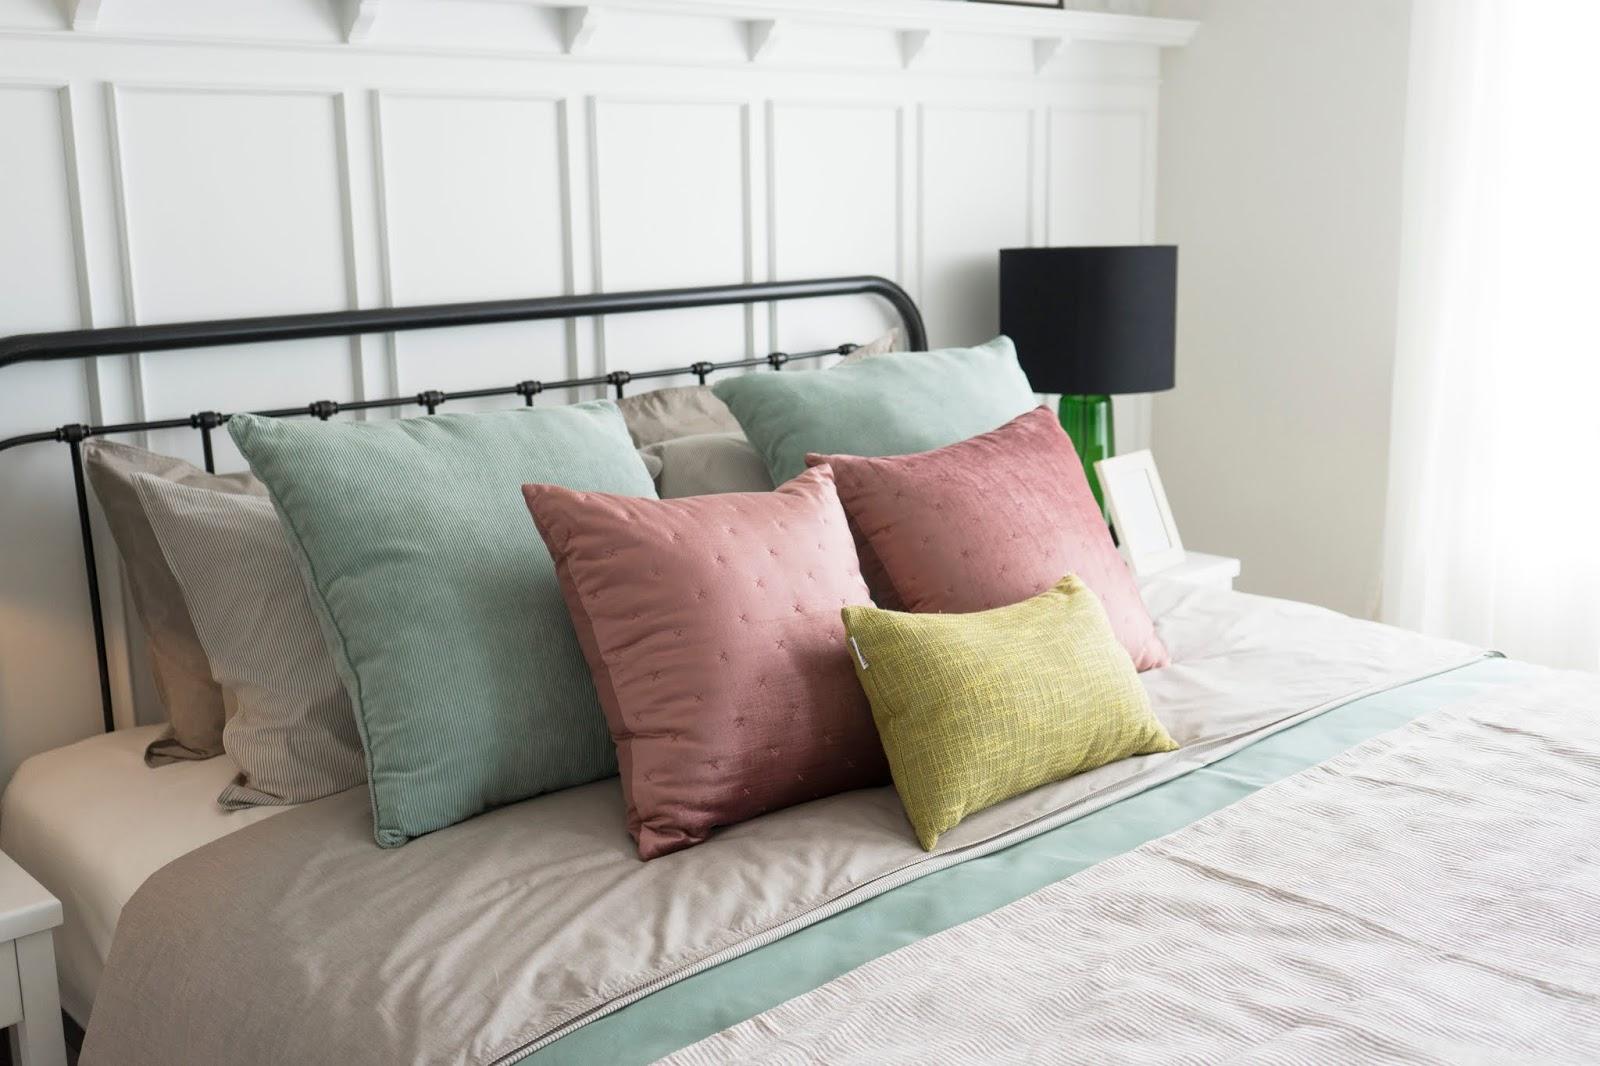 Cama de hierro con ropa en tonos claros (verde, rosa, beige)